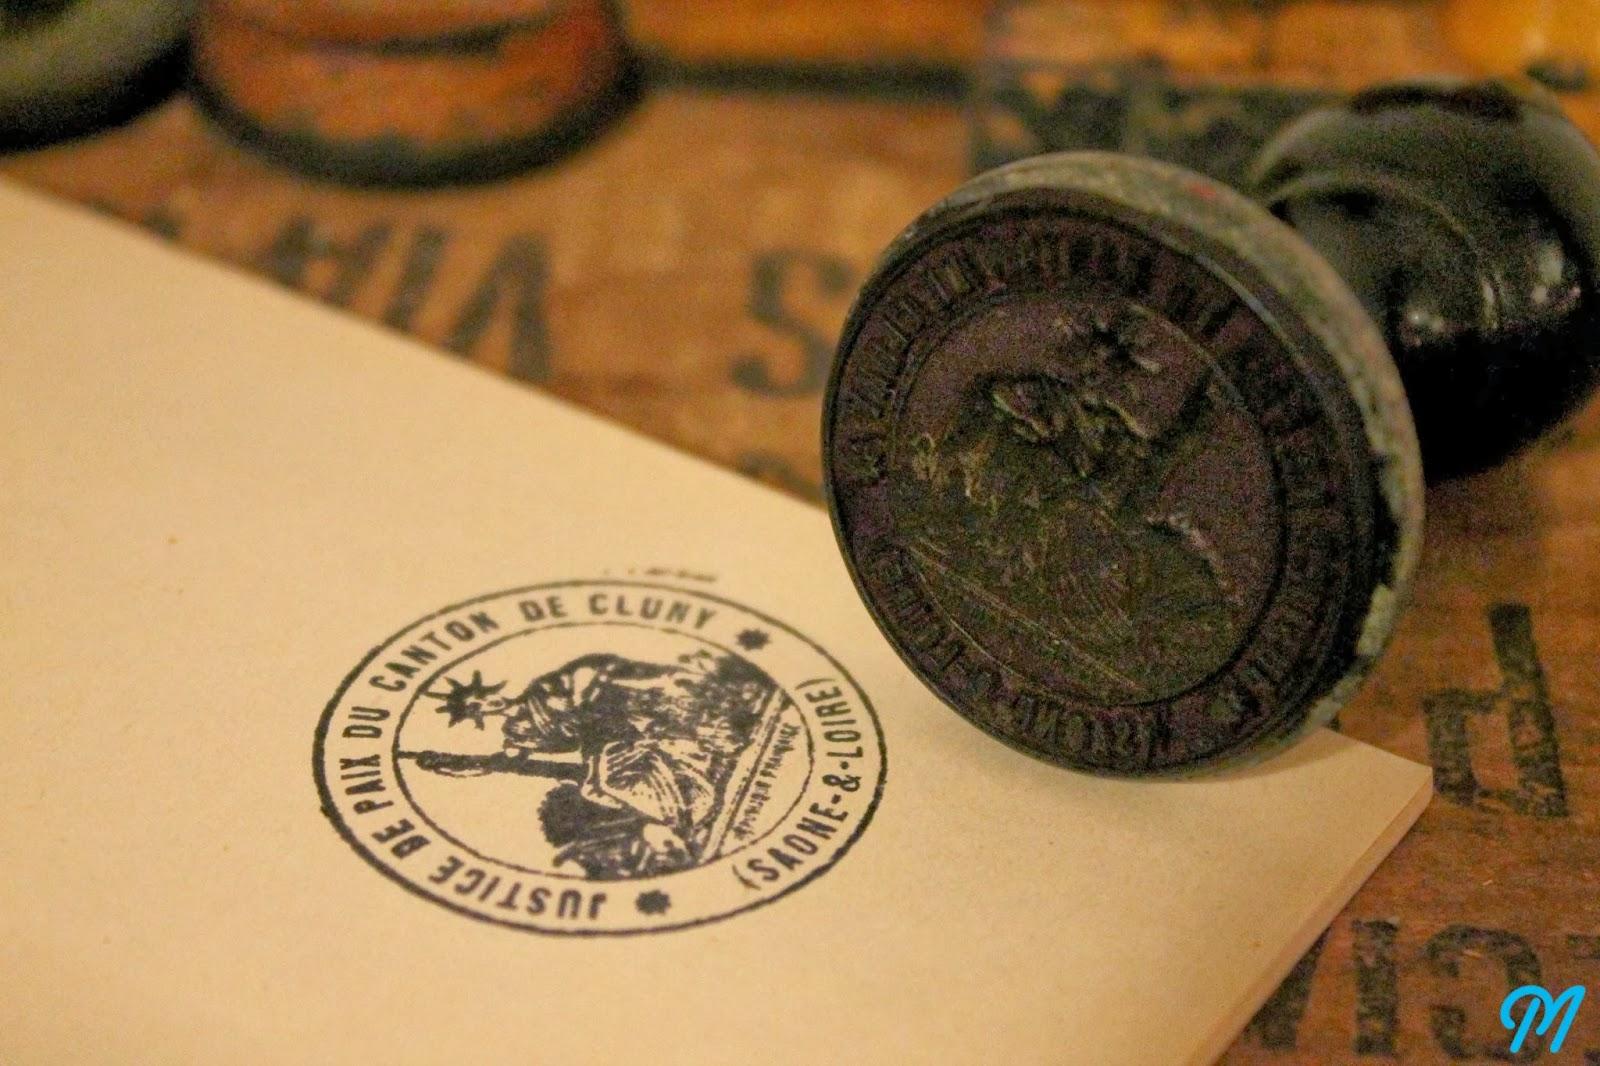 parfumerie tampons rosaces marinette vintage blog. Black Bedroom Furniture Sets. Home Design Ideas